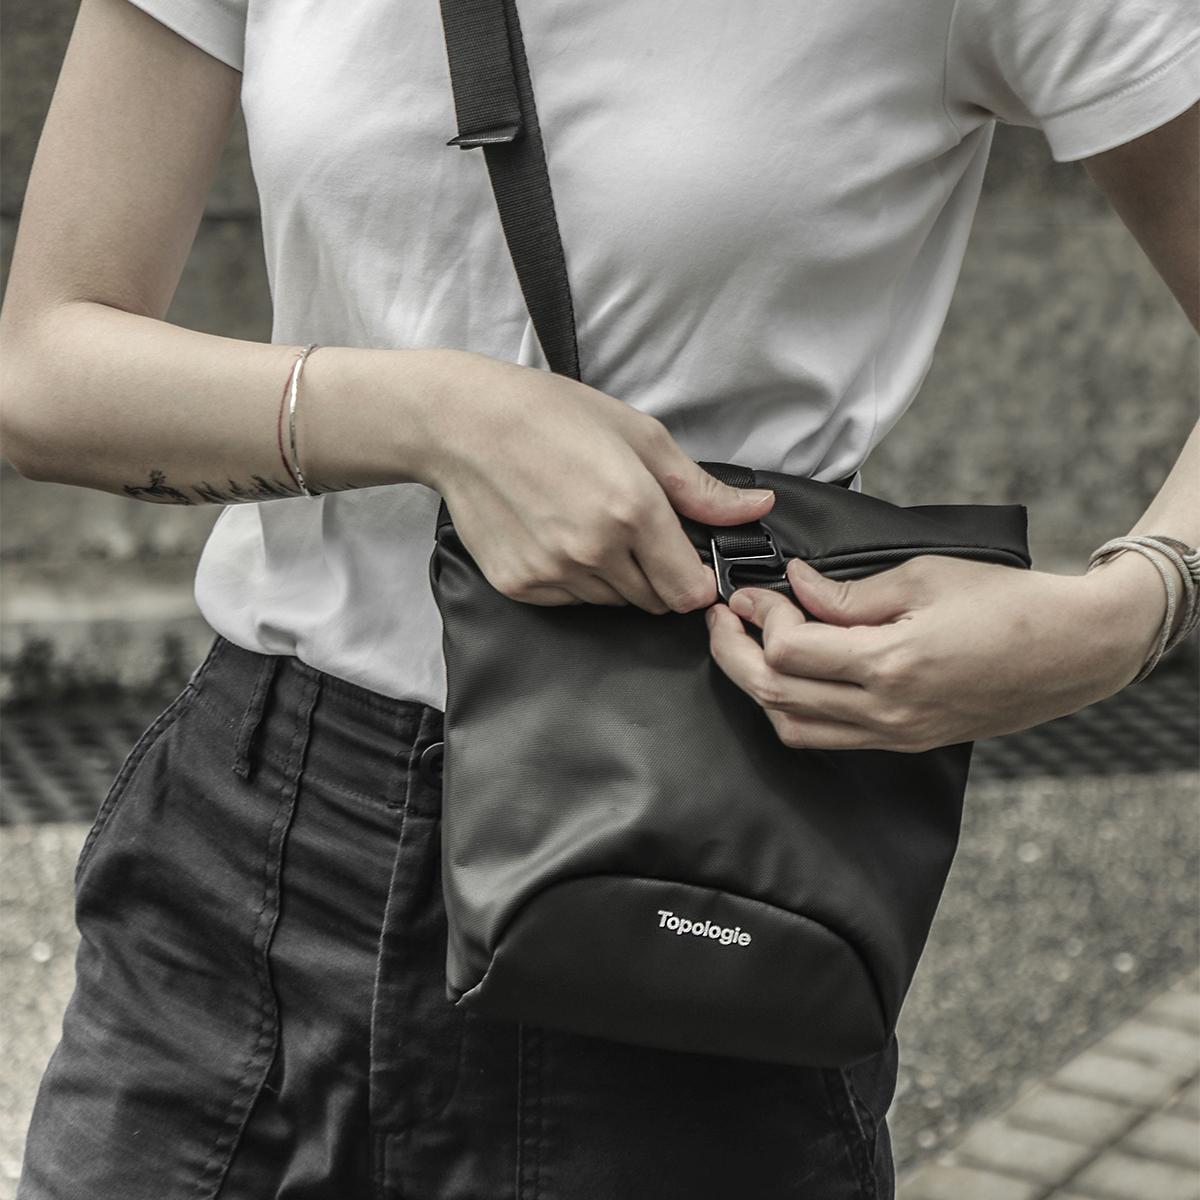 ロッククライミングのギアから着想を得た「4WAYウエストバッグ」(水濡れや汚れに強いドライコレクション)|Topologie